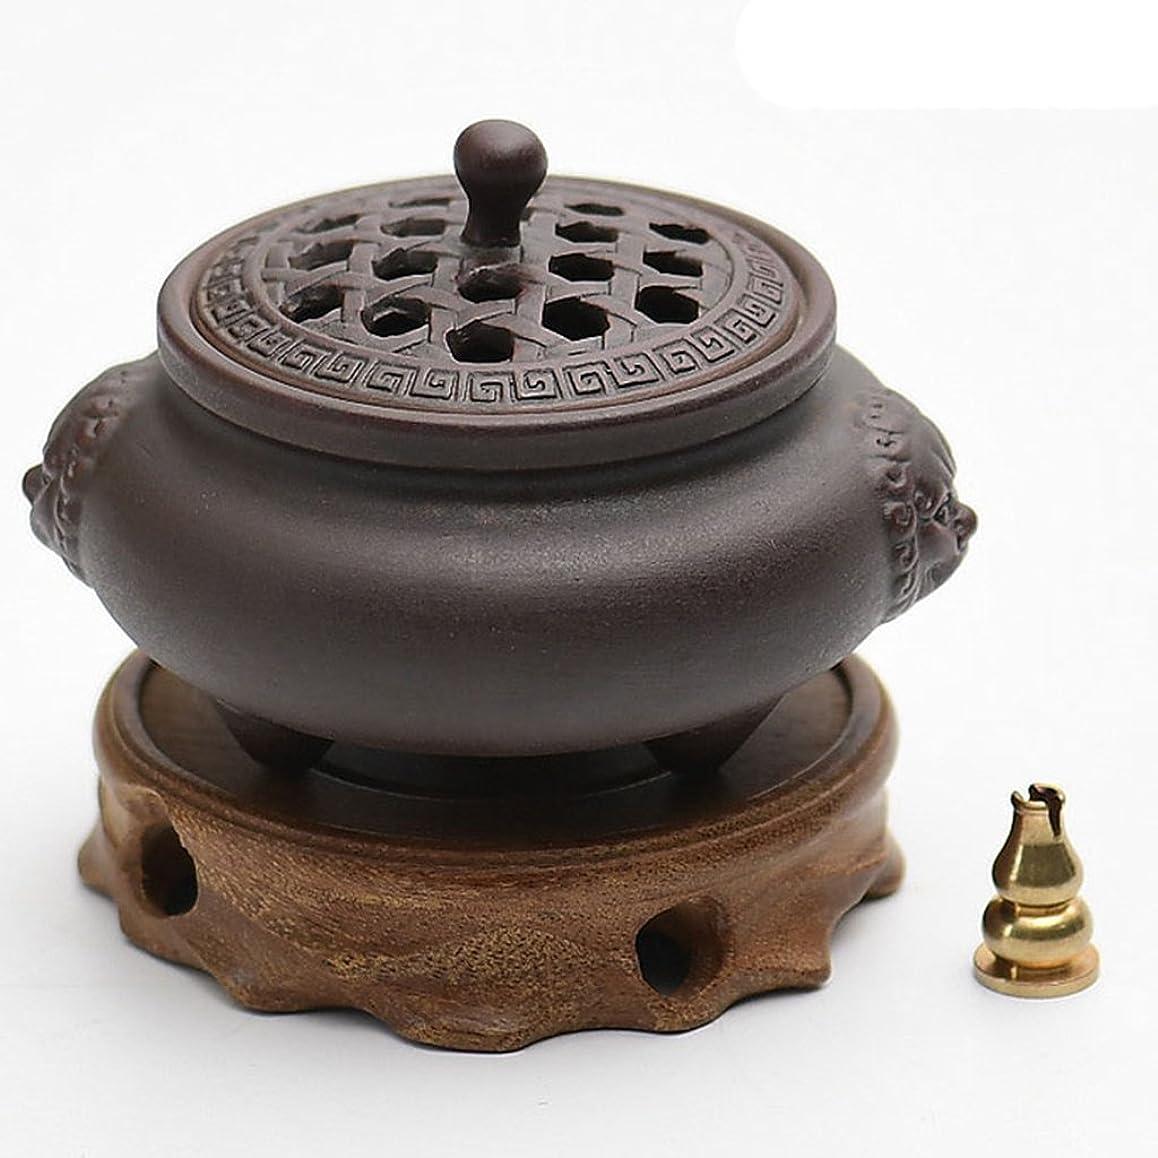 干ばつ時計回りコインランドリー(ラシューバー) Lasuiveur 香炉 線香立て 香立て 職人さんの手作り 茶道用品 おしゃれ  木製 透かし彫り